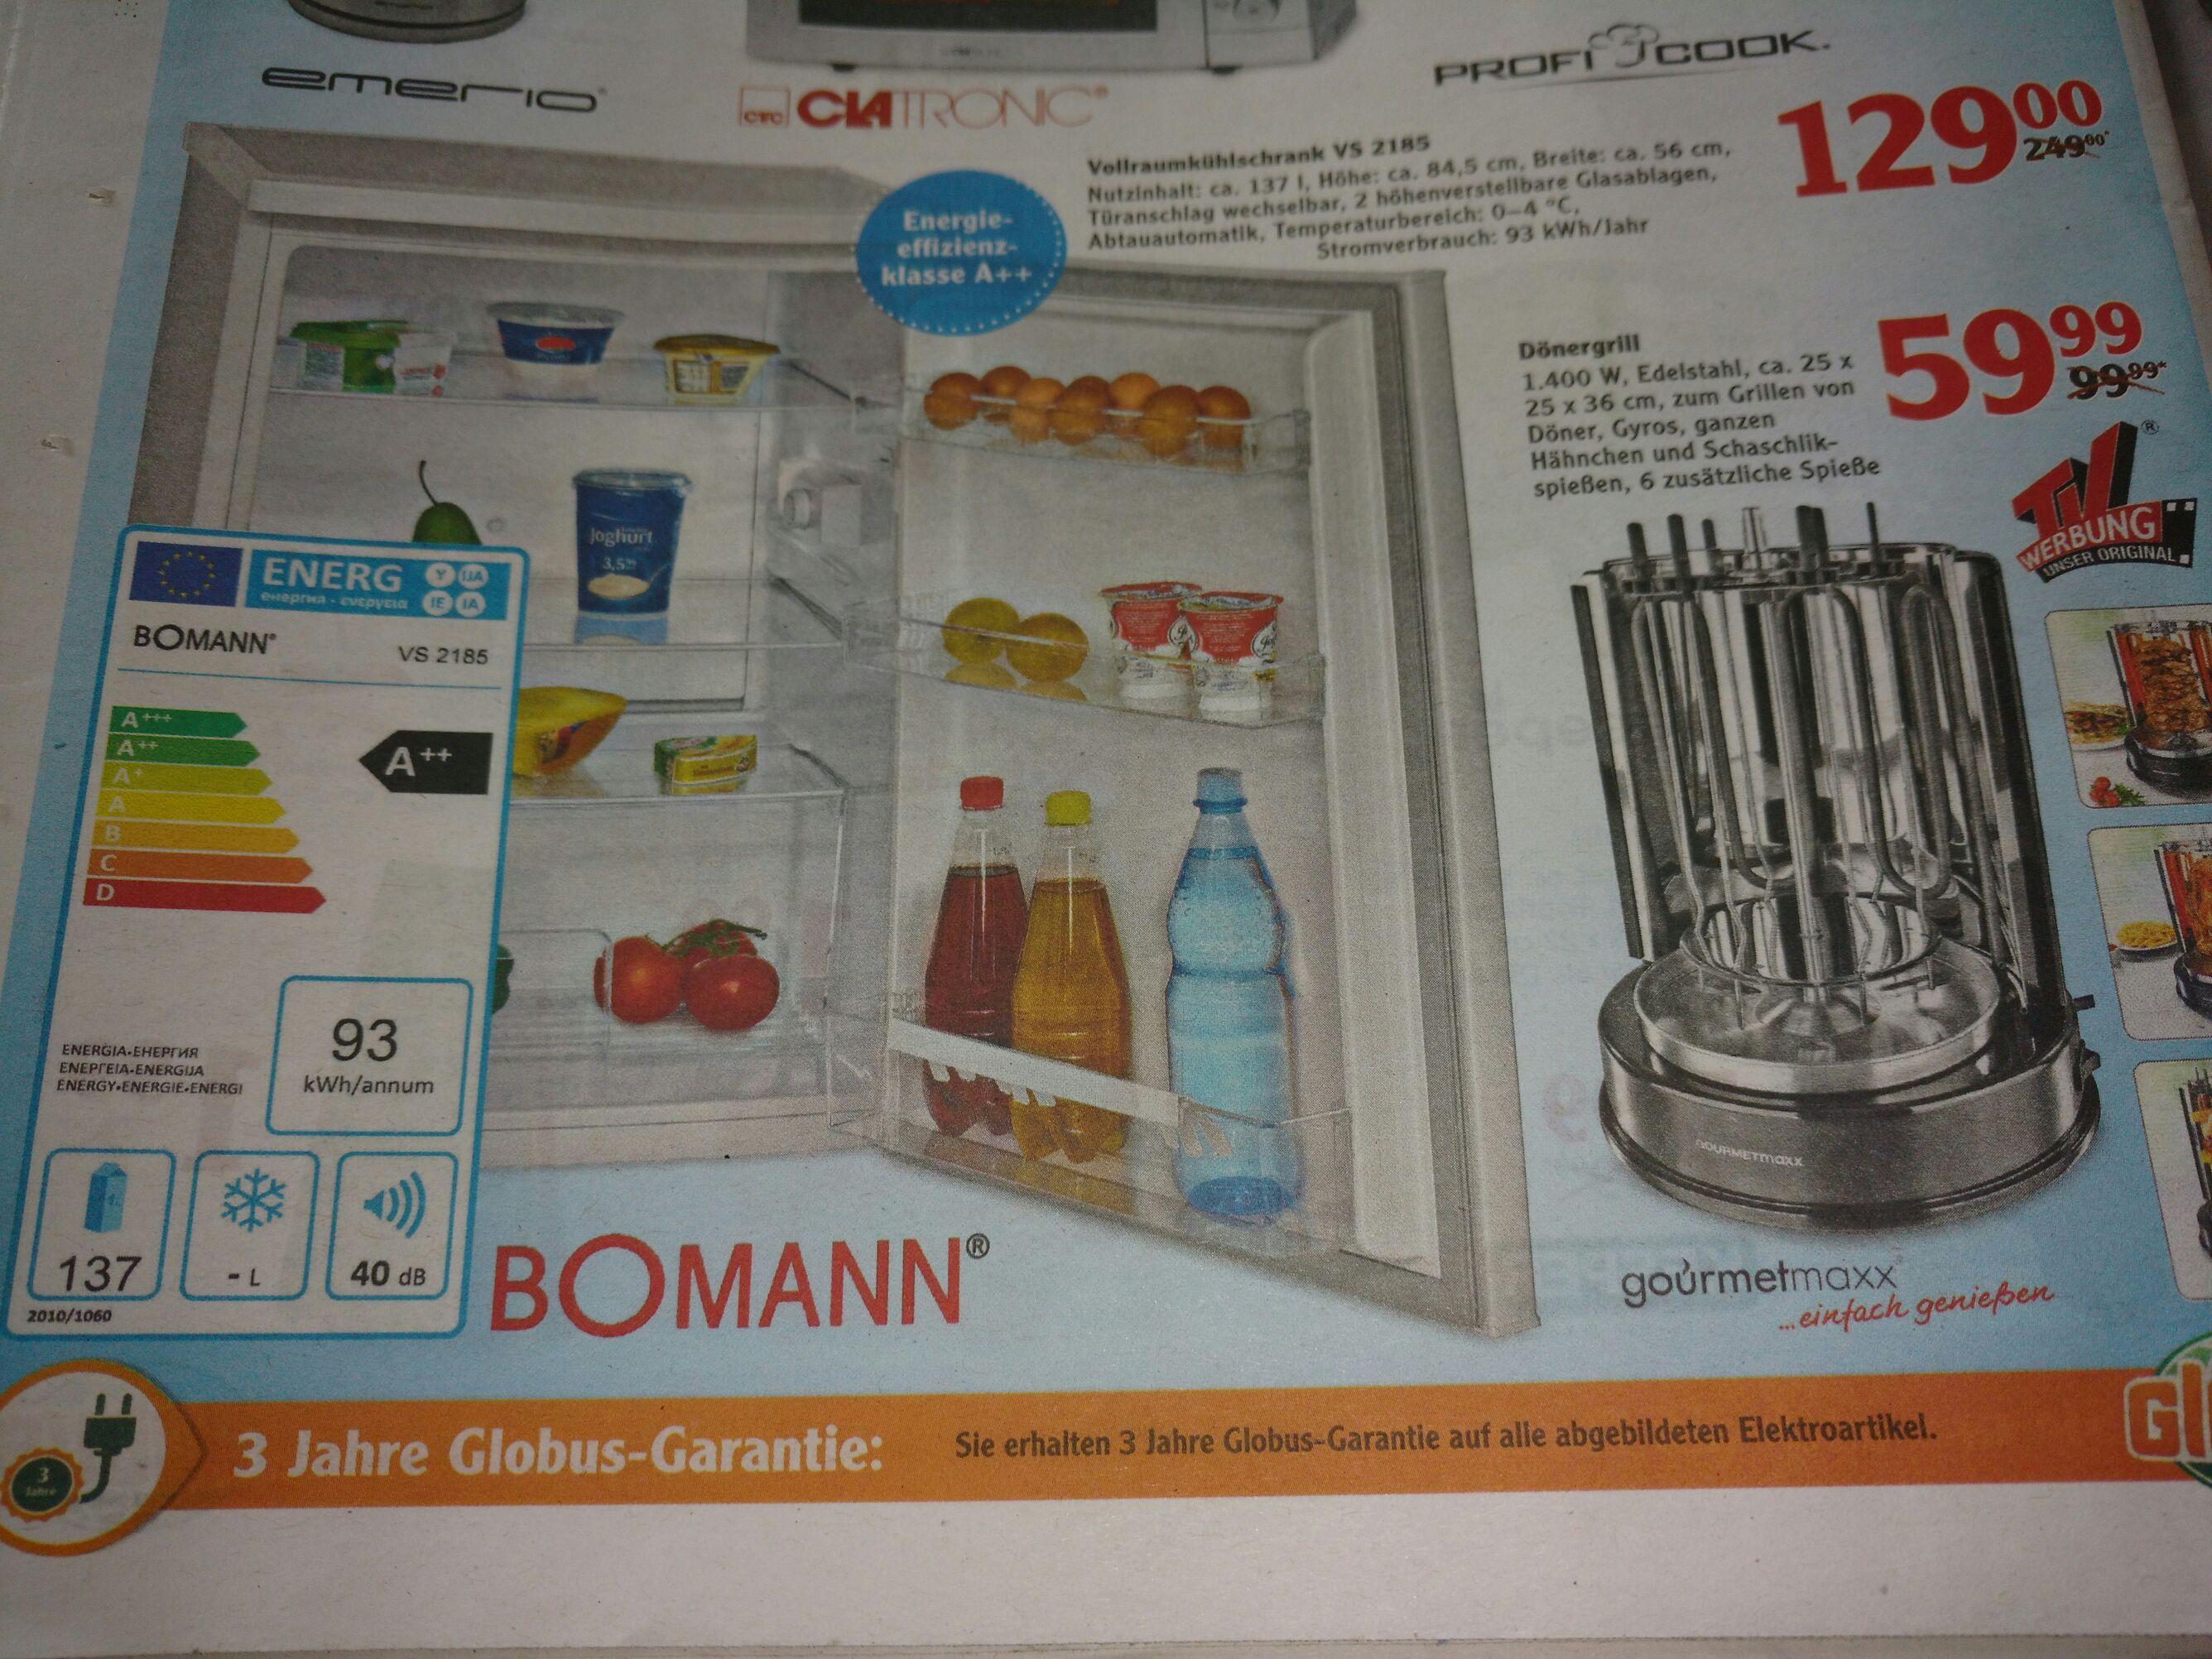 LOKAL Globus Schwandorf - Bomann Kühlschrank VS2185 A++